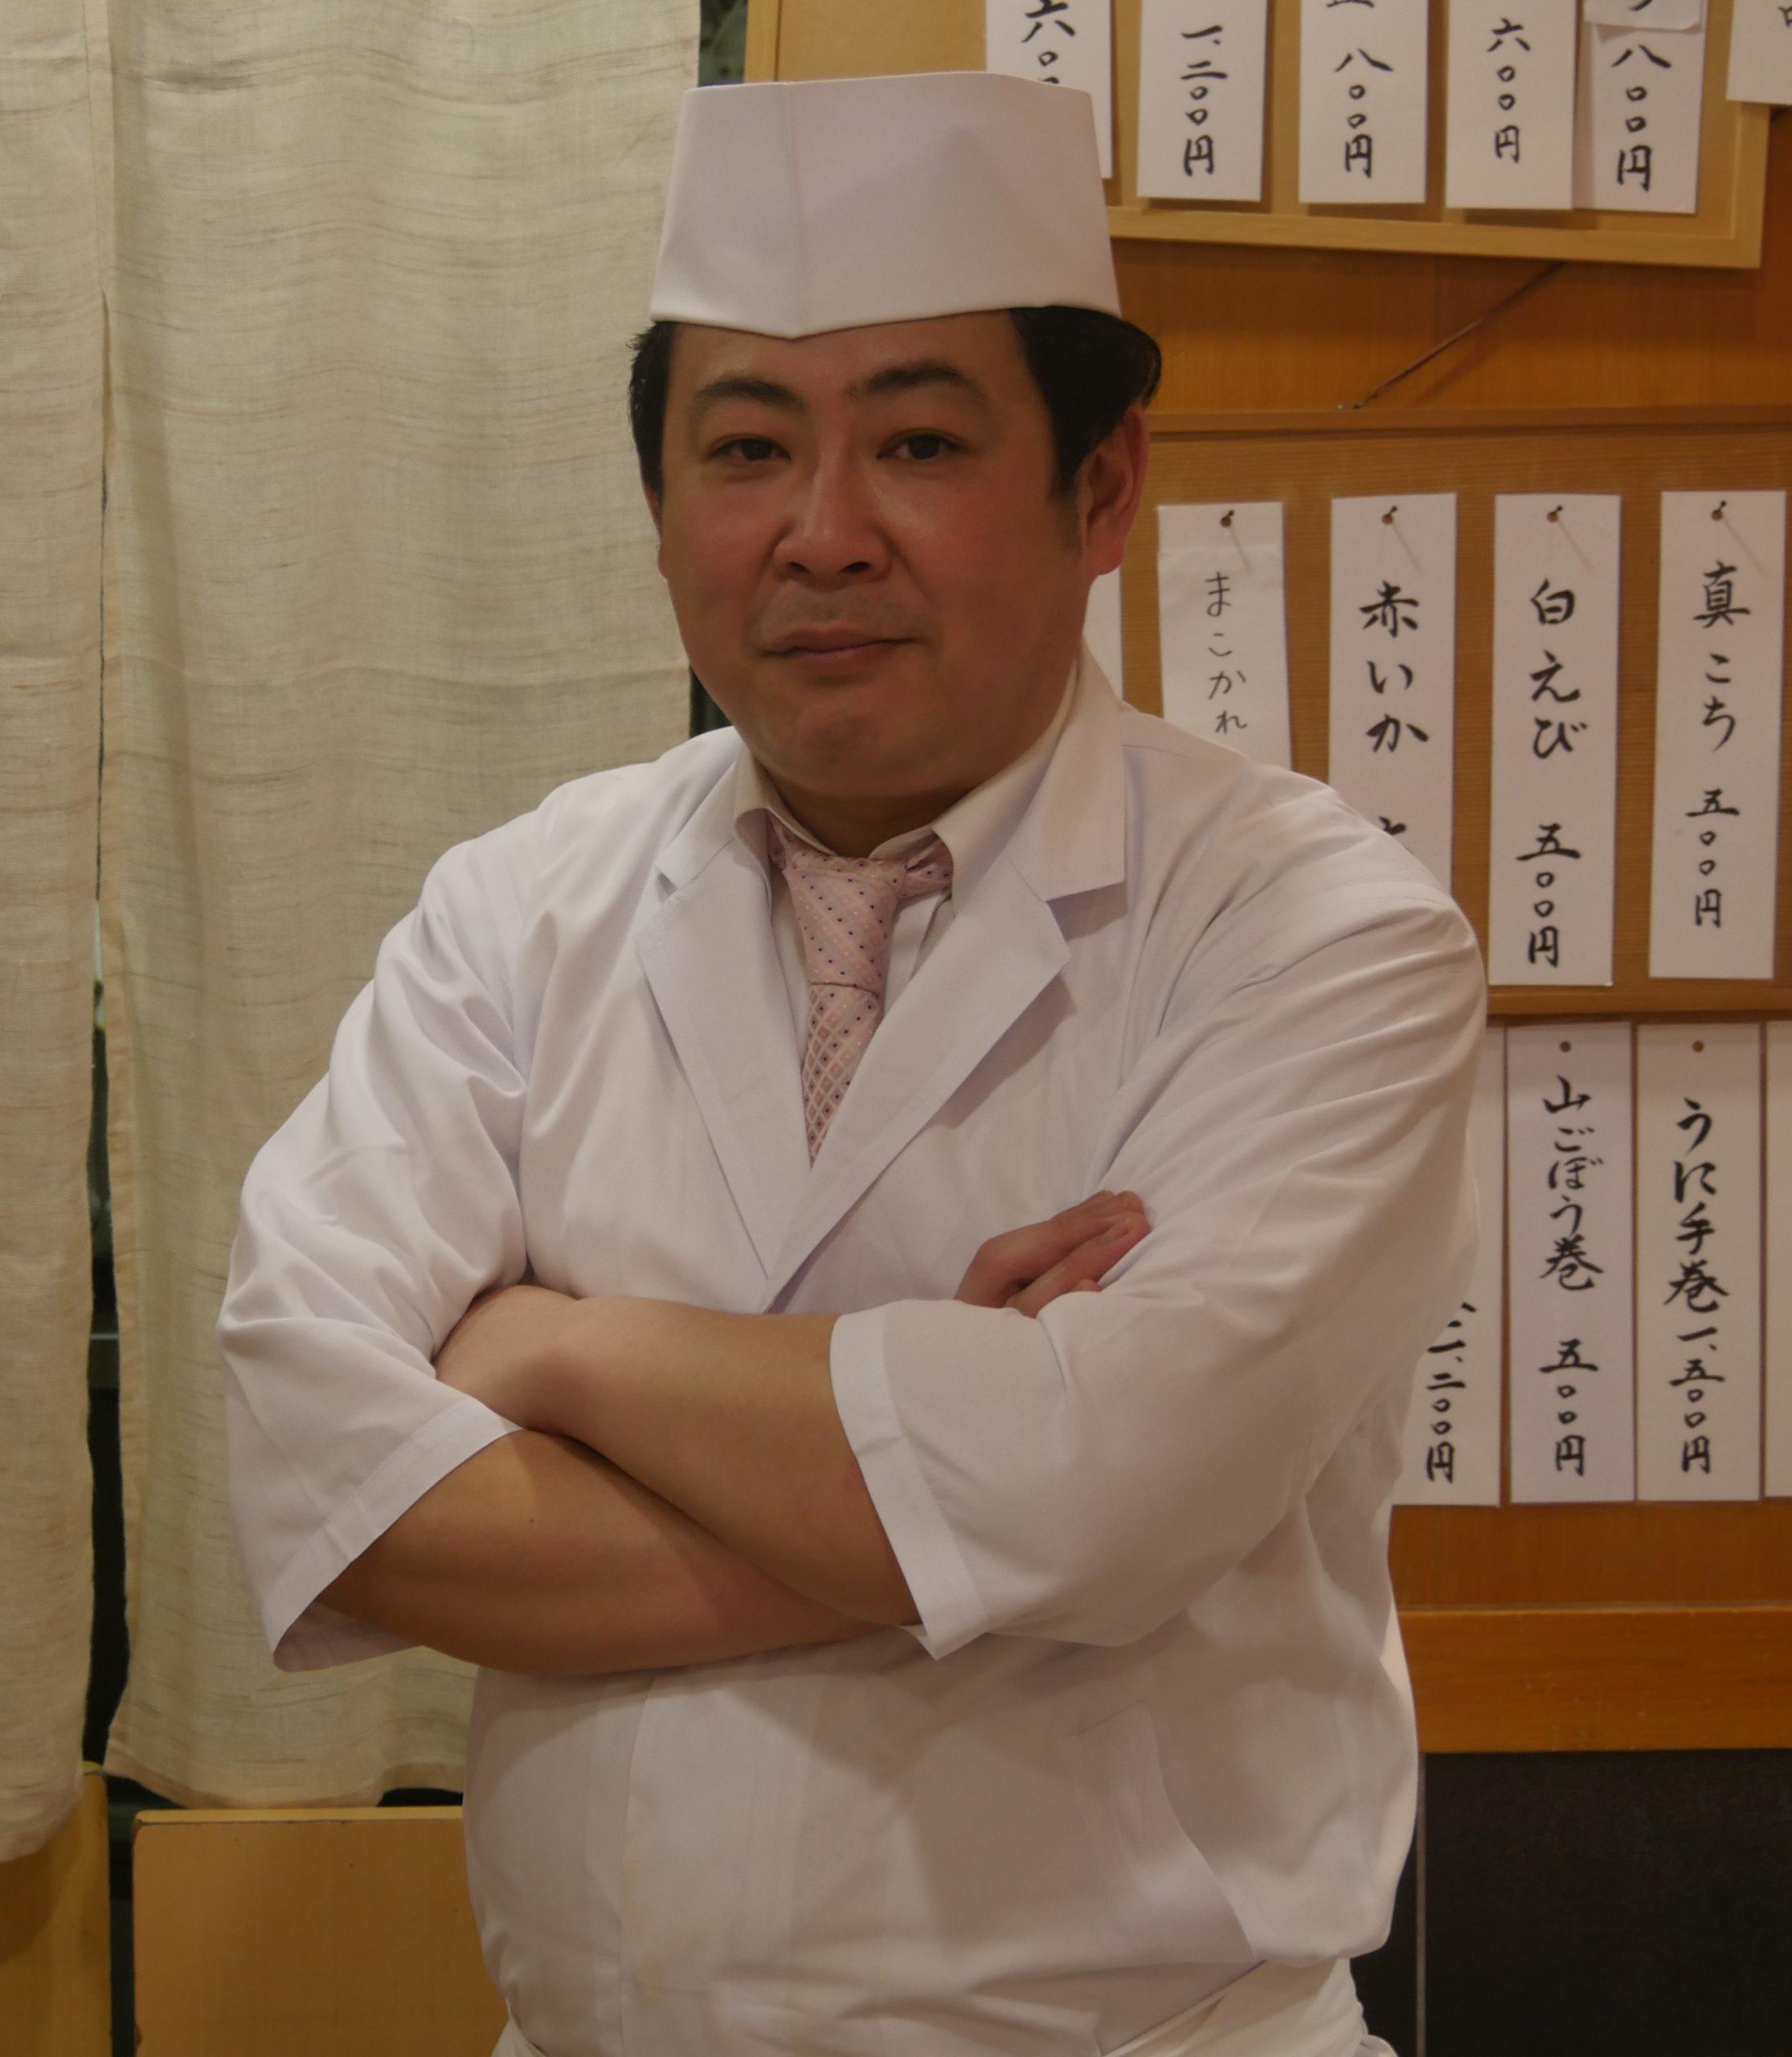 飯田隆之さんの写真